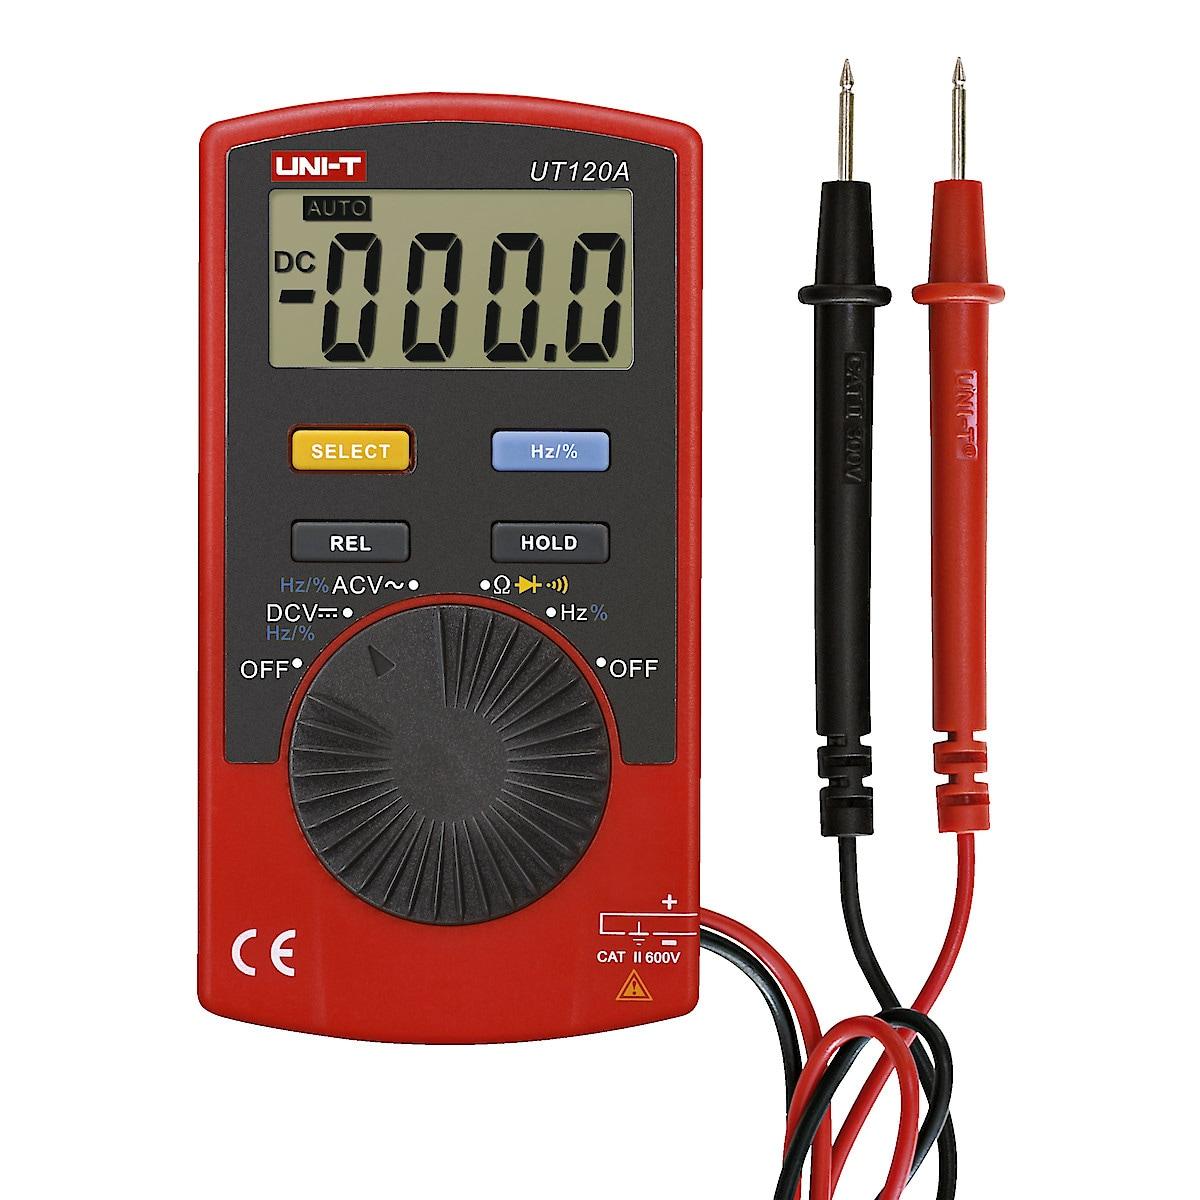 UNI-T UT120A multimeter